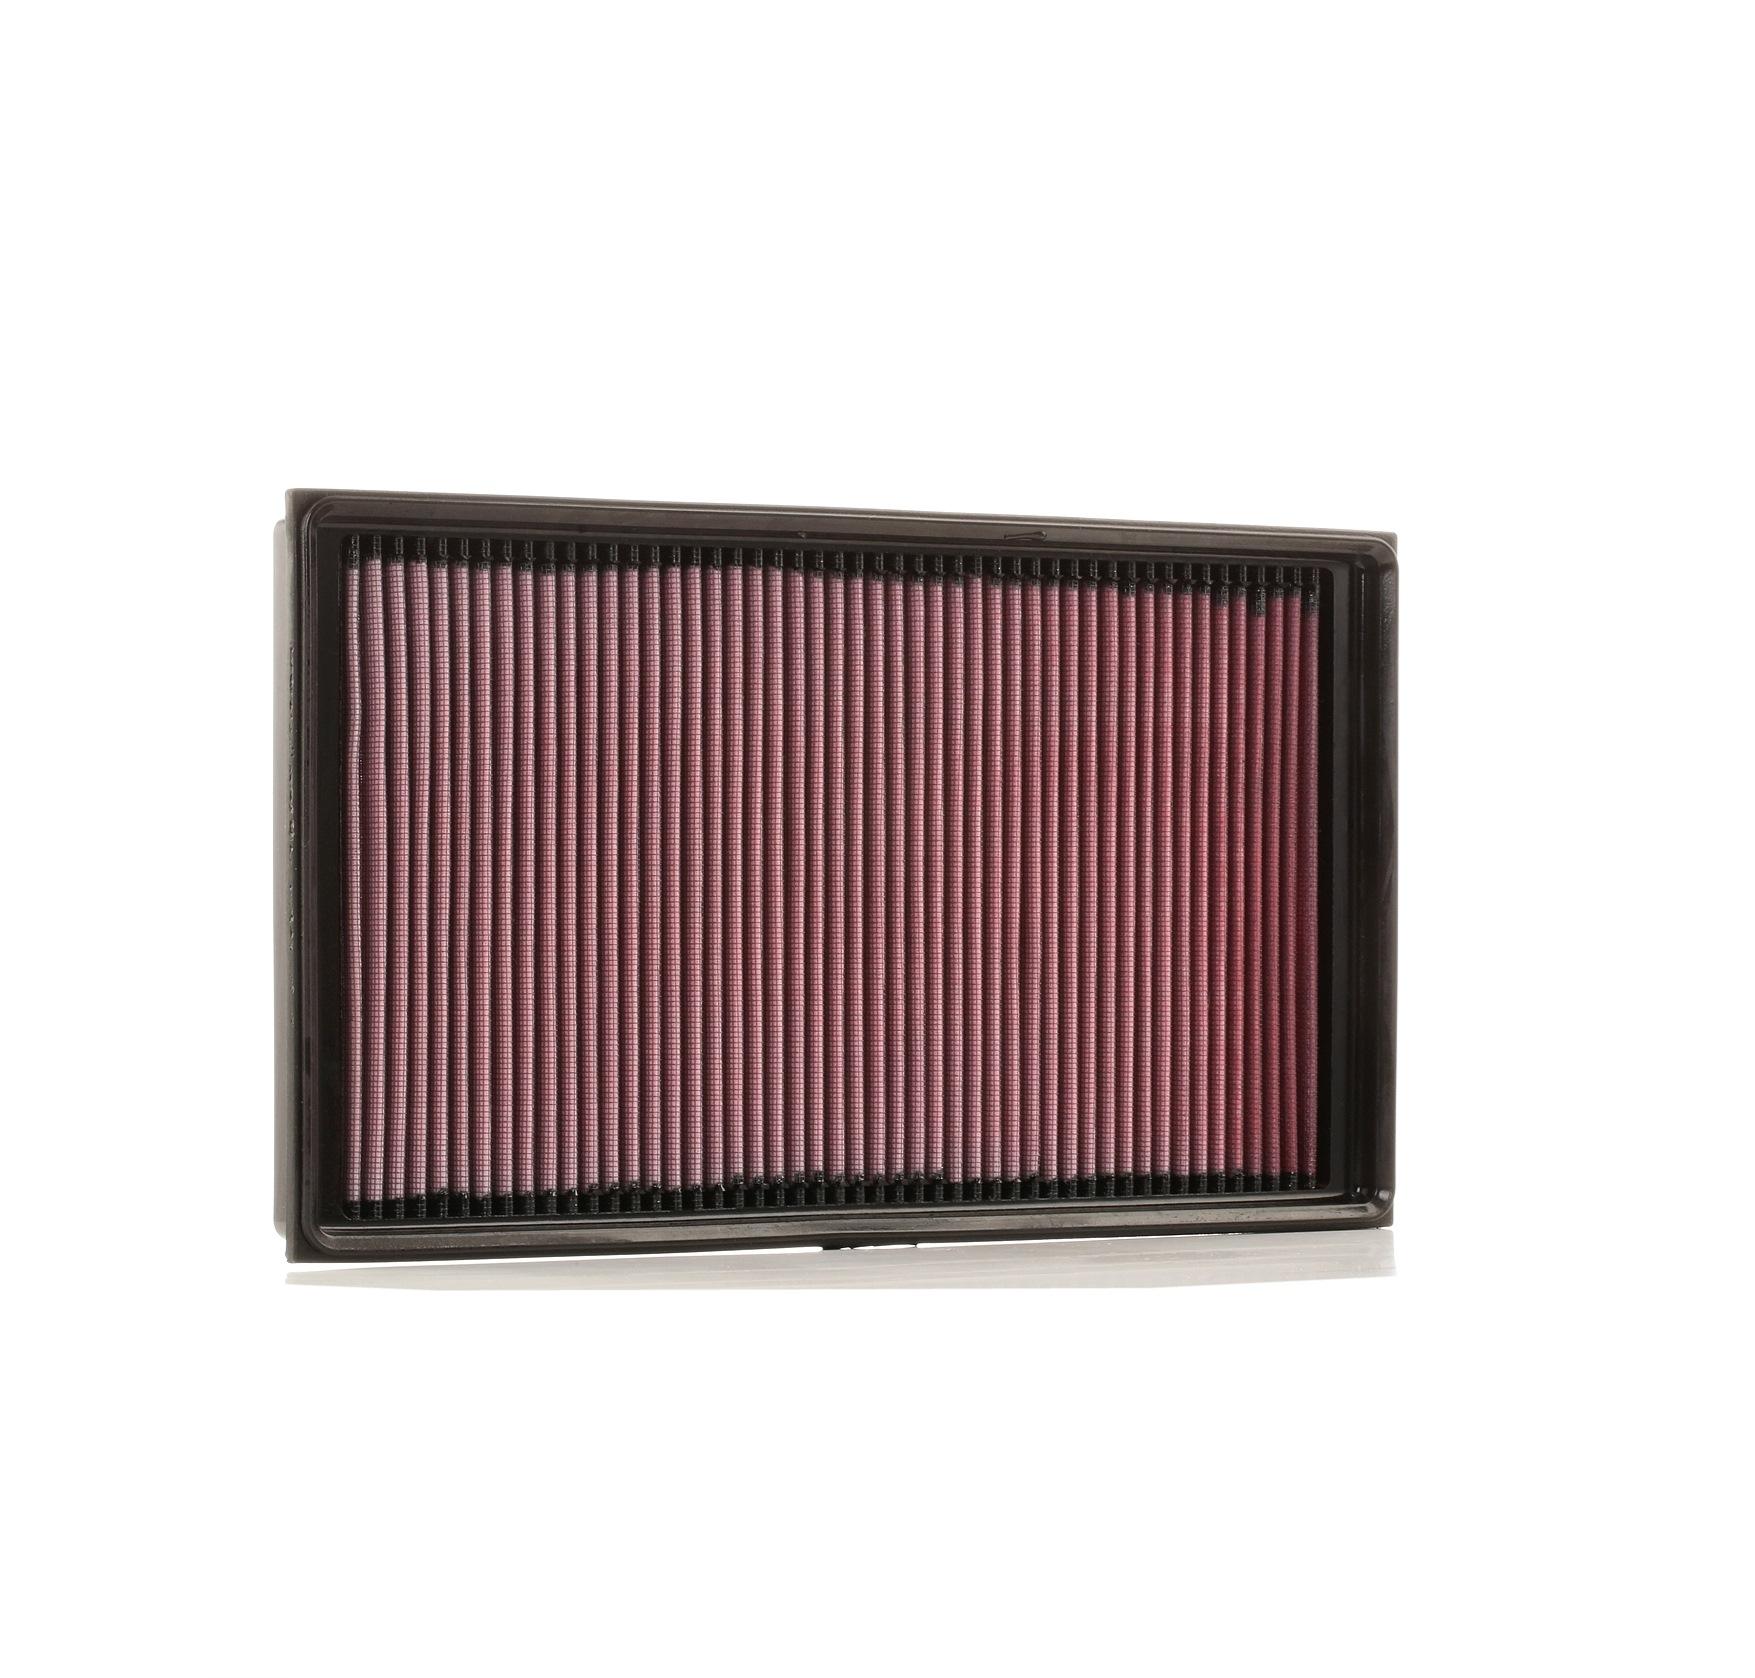 Luftfilter K&N Filters 33-3036 Bewertung